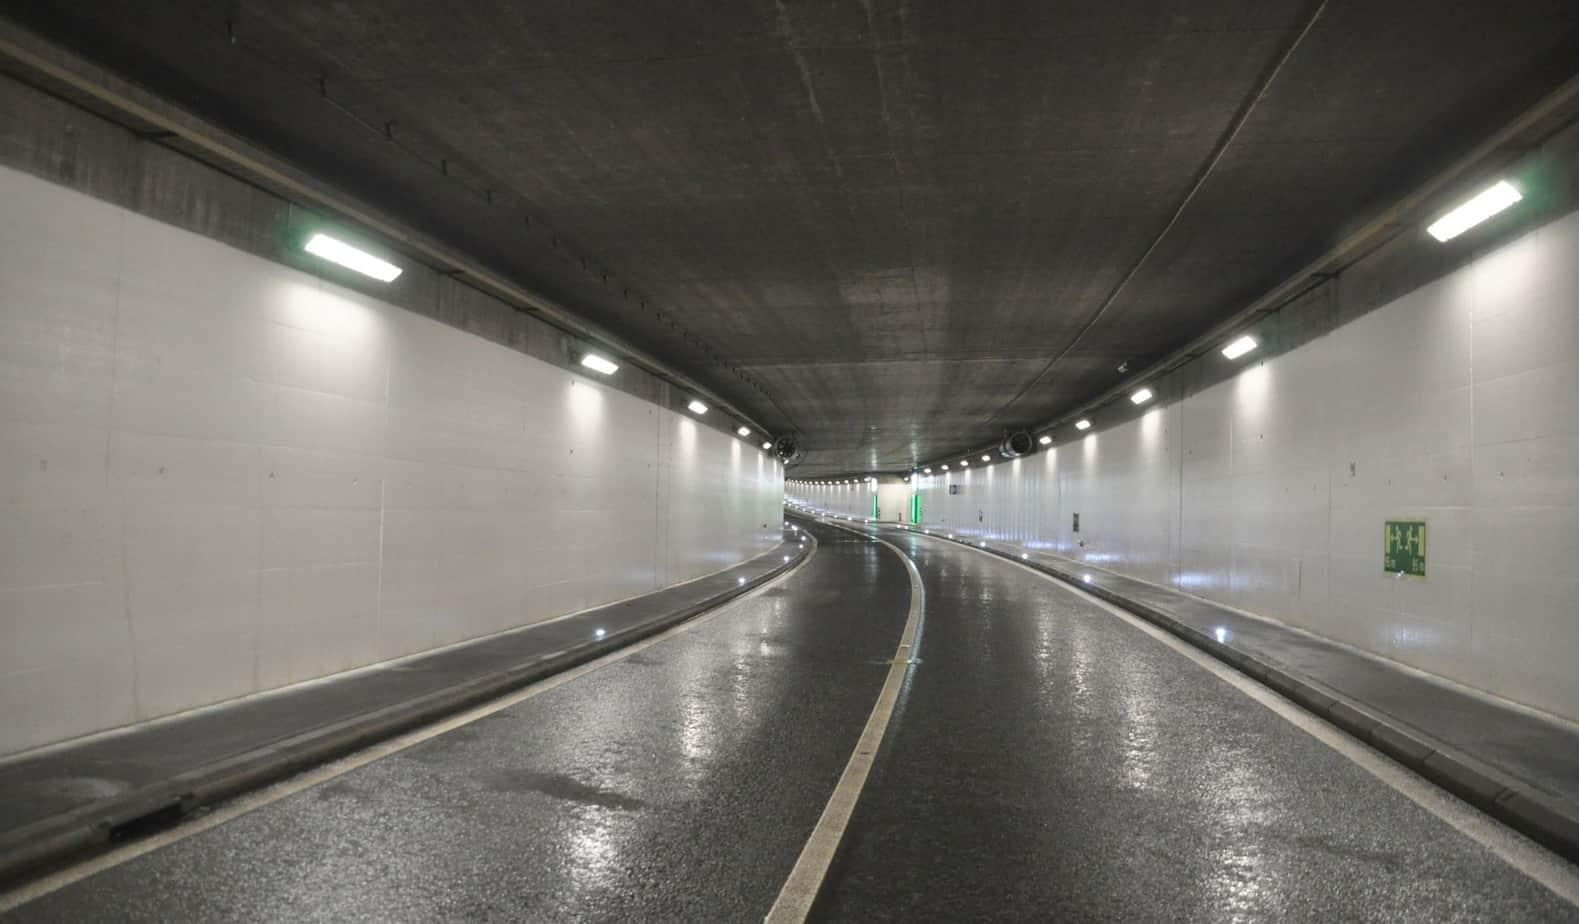 Il tunnel di Marcolet dopo l'intervento di pulizia